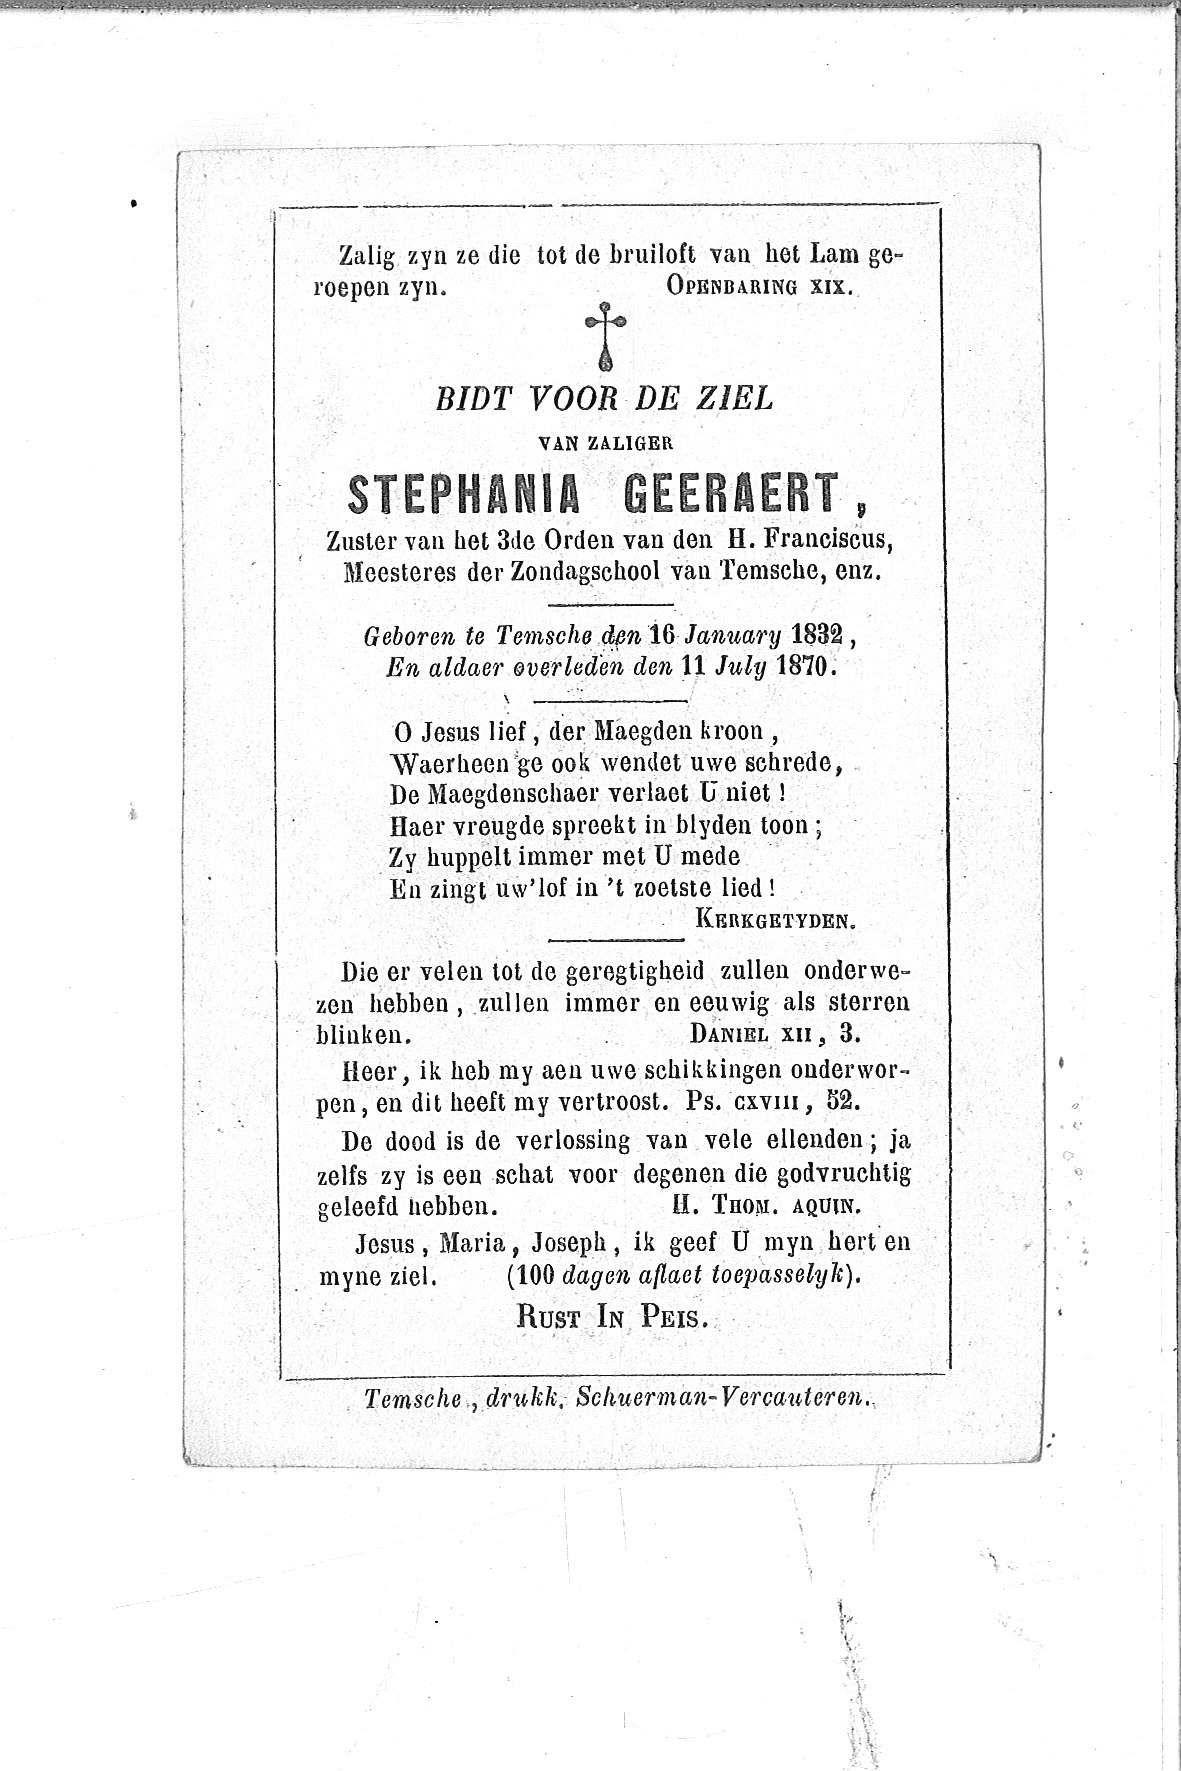 Stephania(1870)20130820111714_00019.jpg